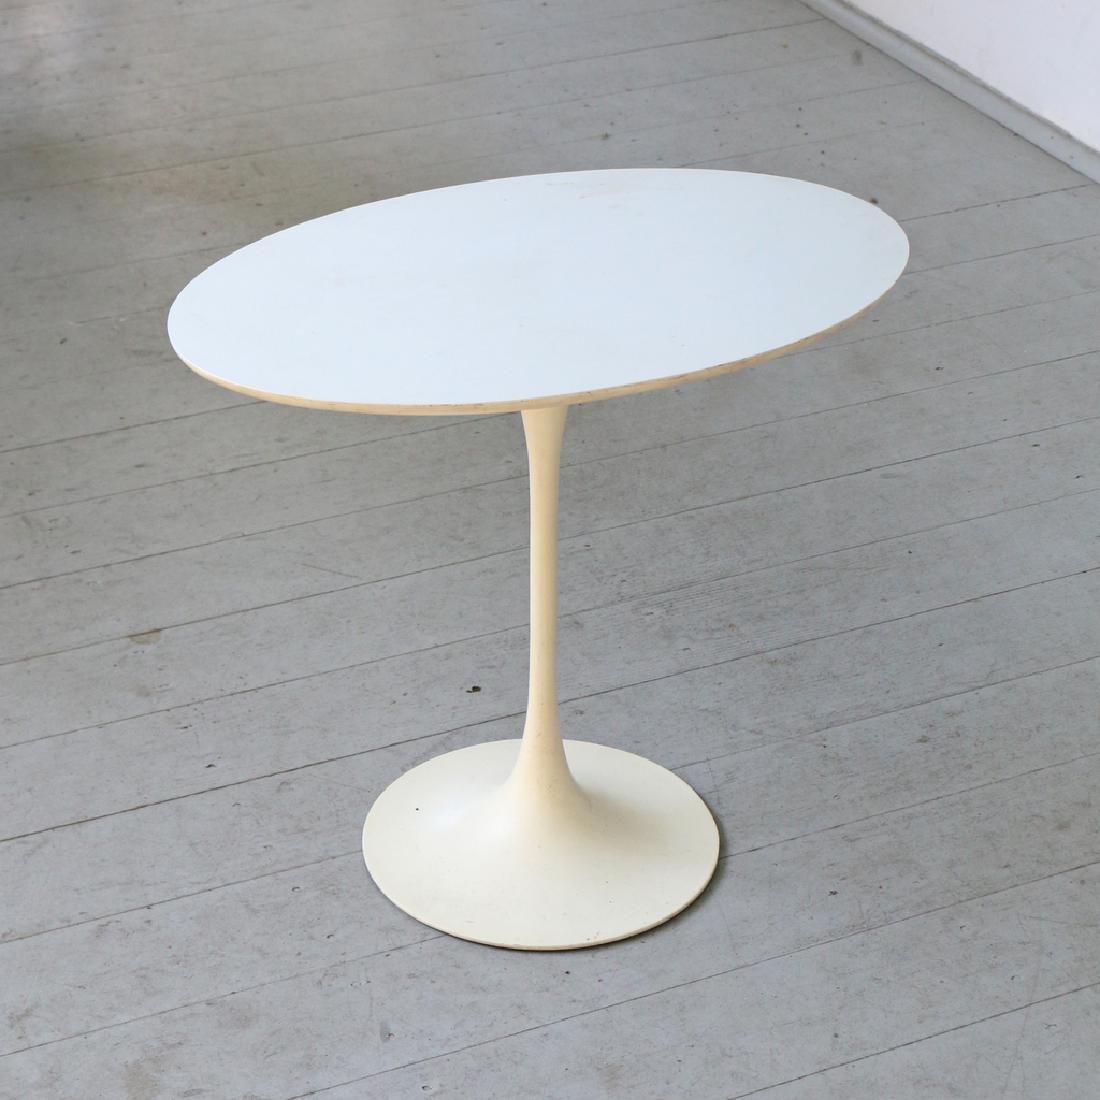 EERO SAARINEN SIDE TABLE